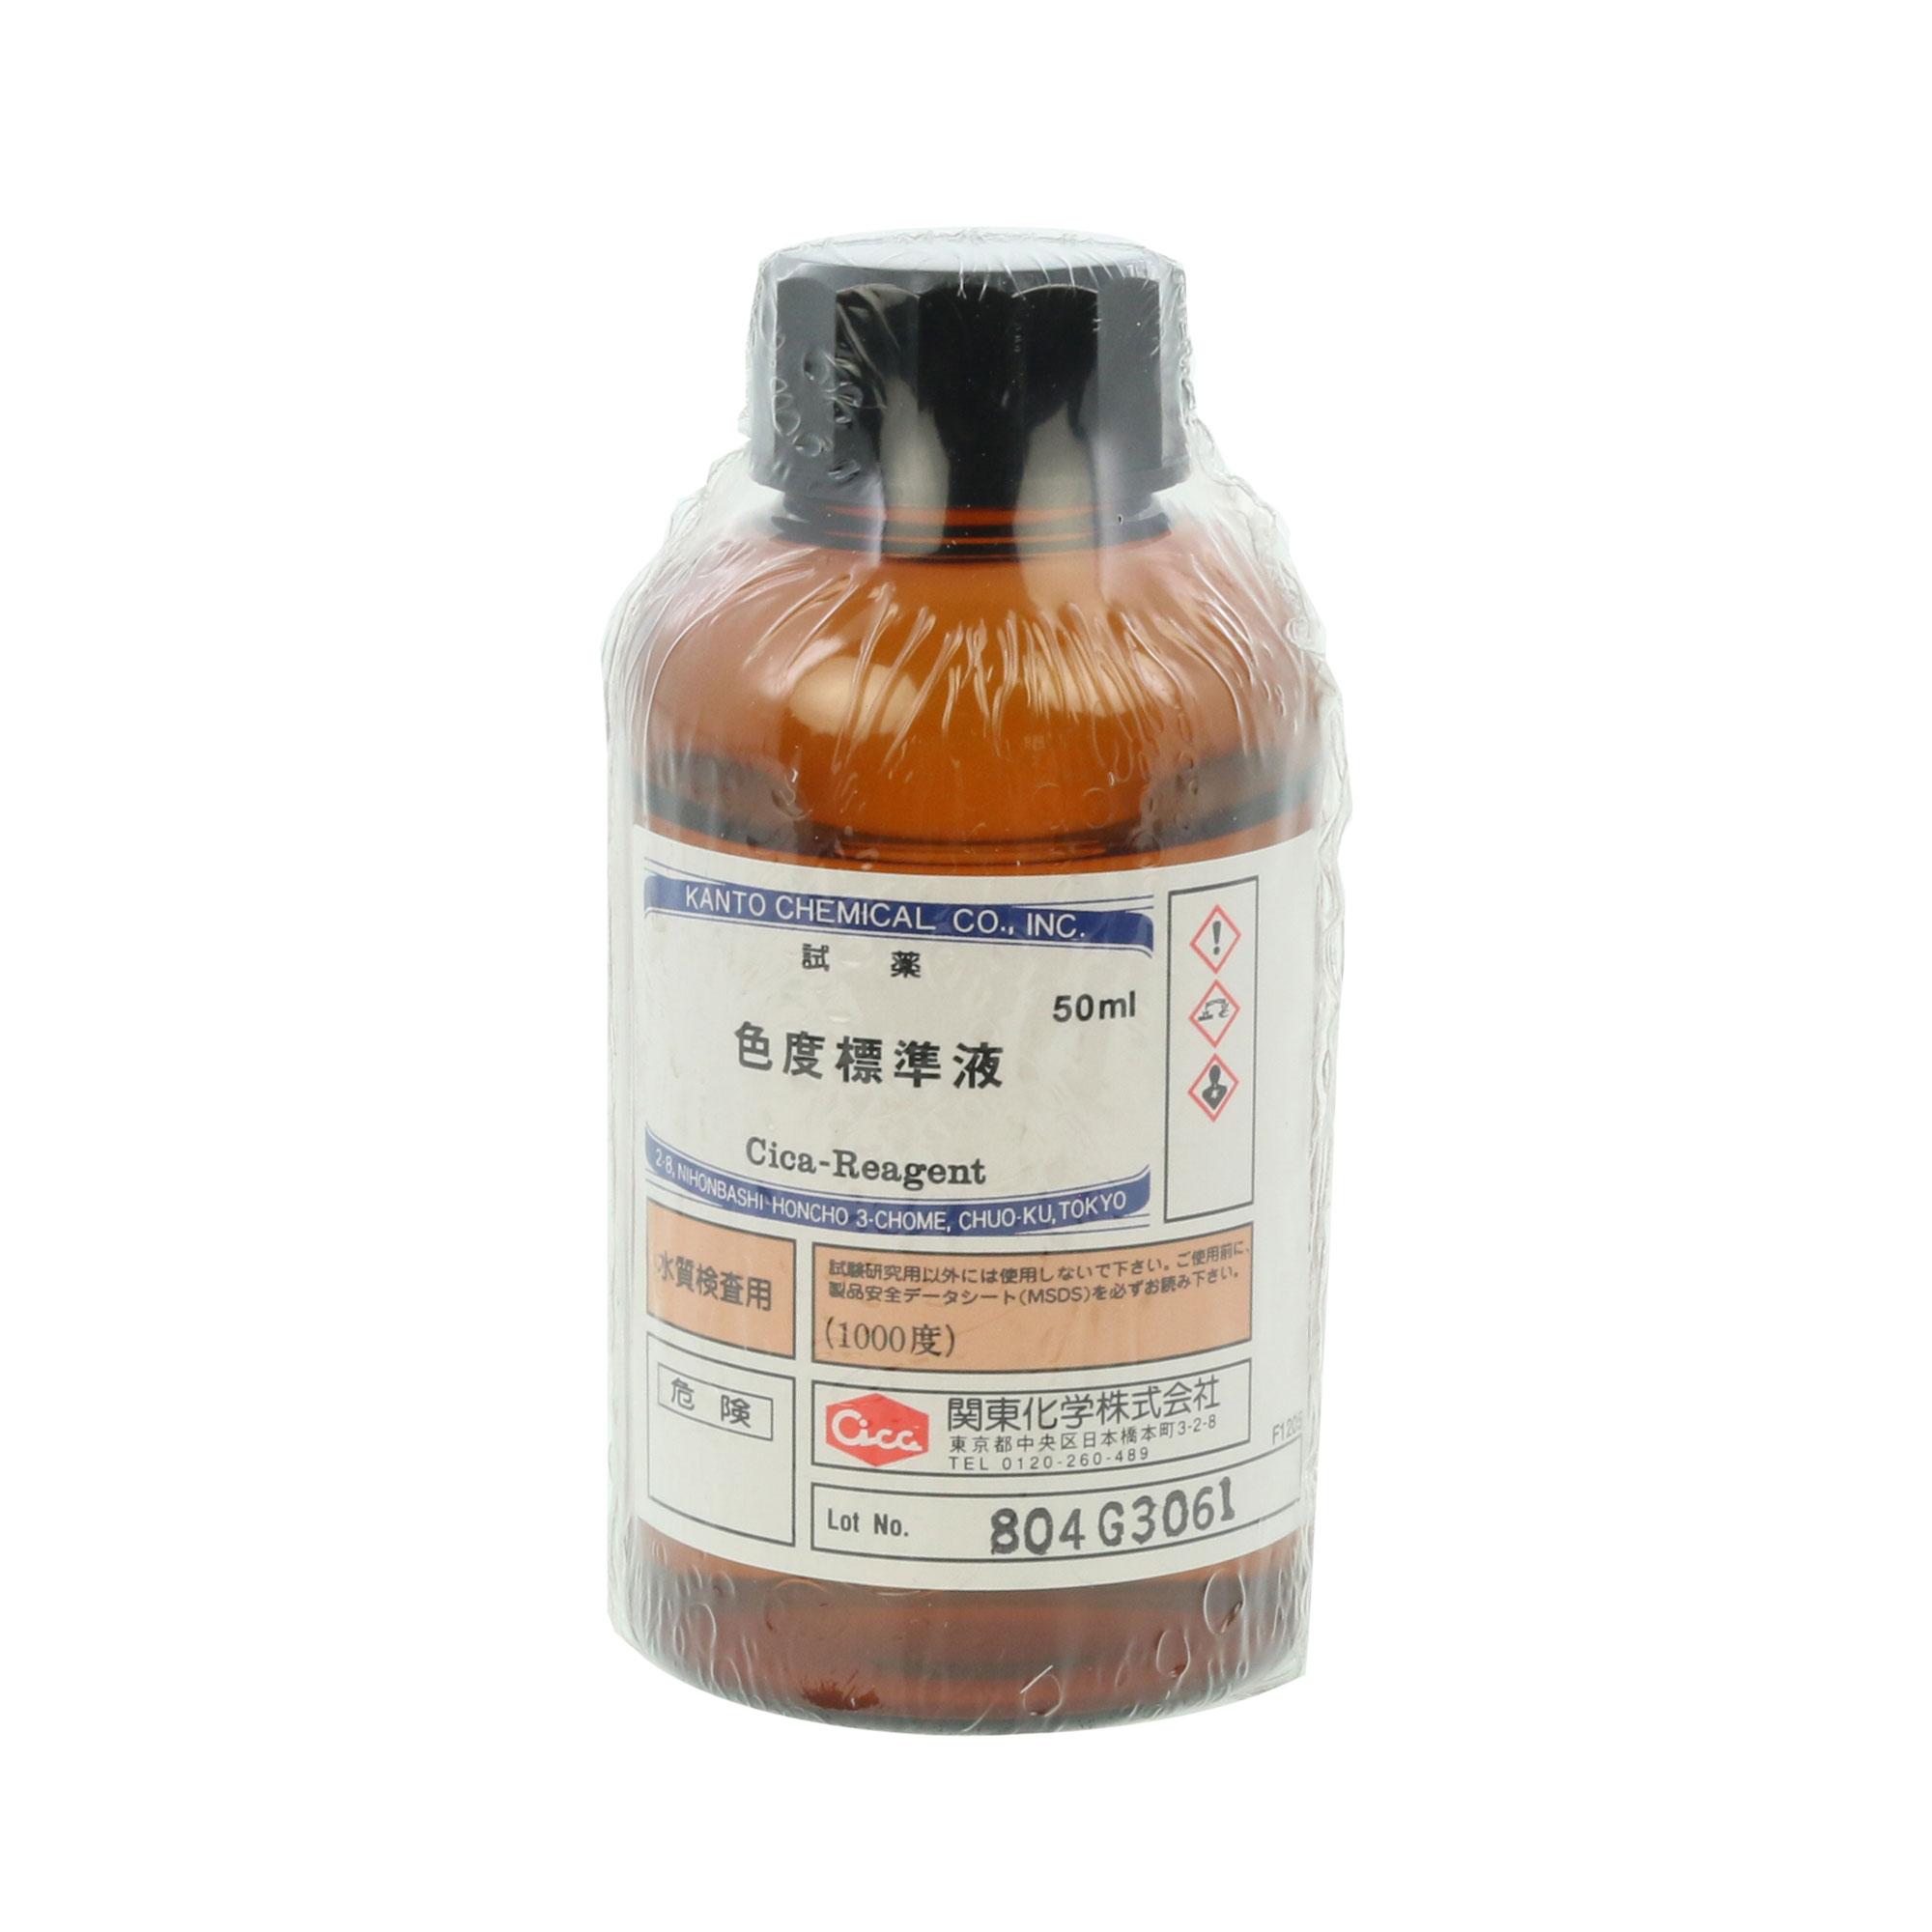 色度標準液 (1000度)50mL